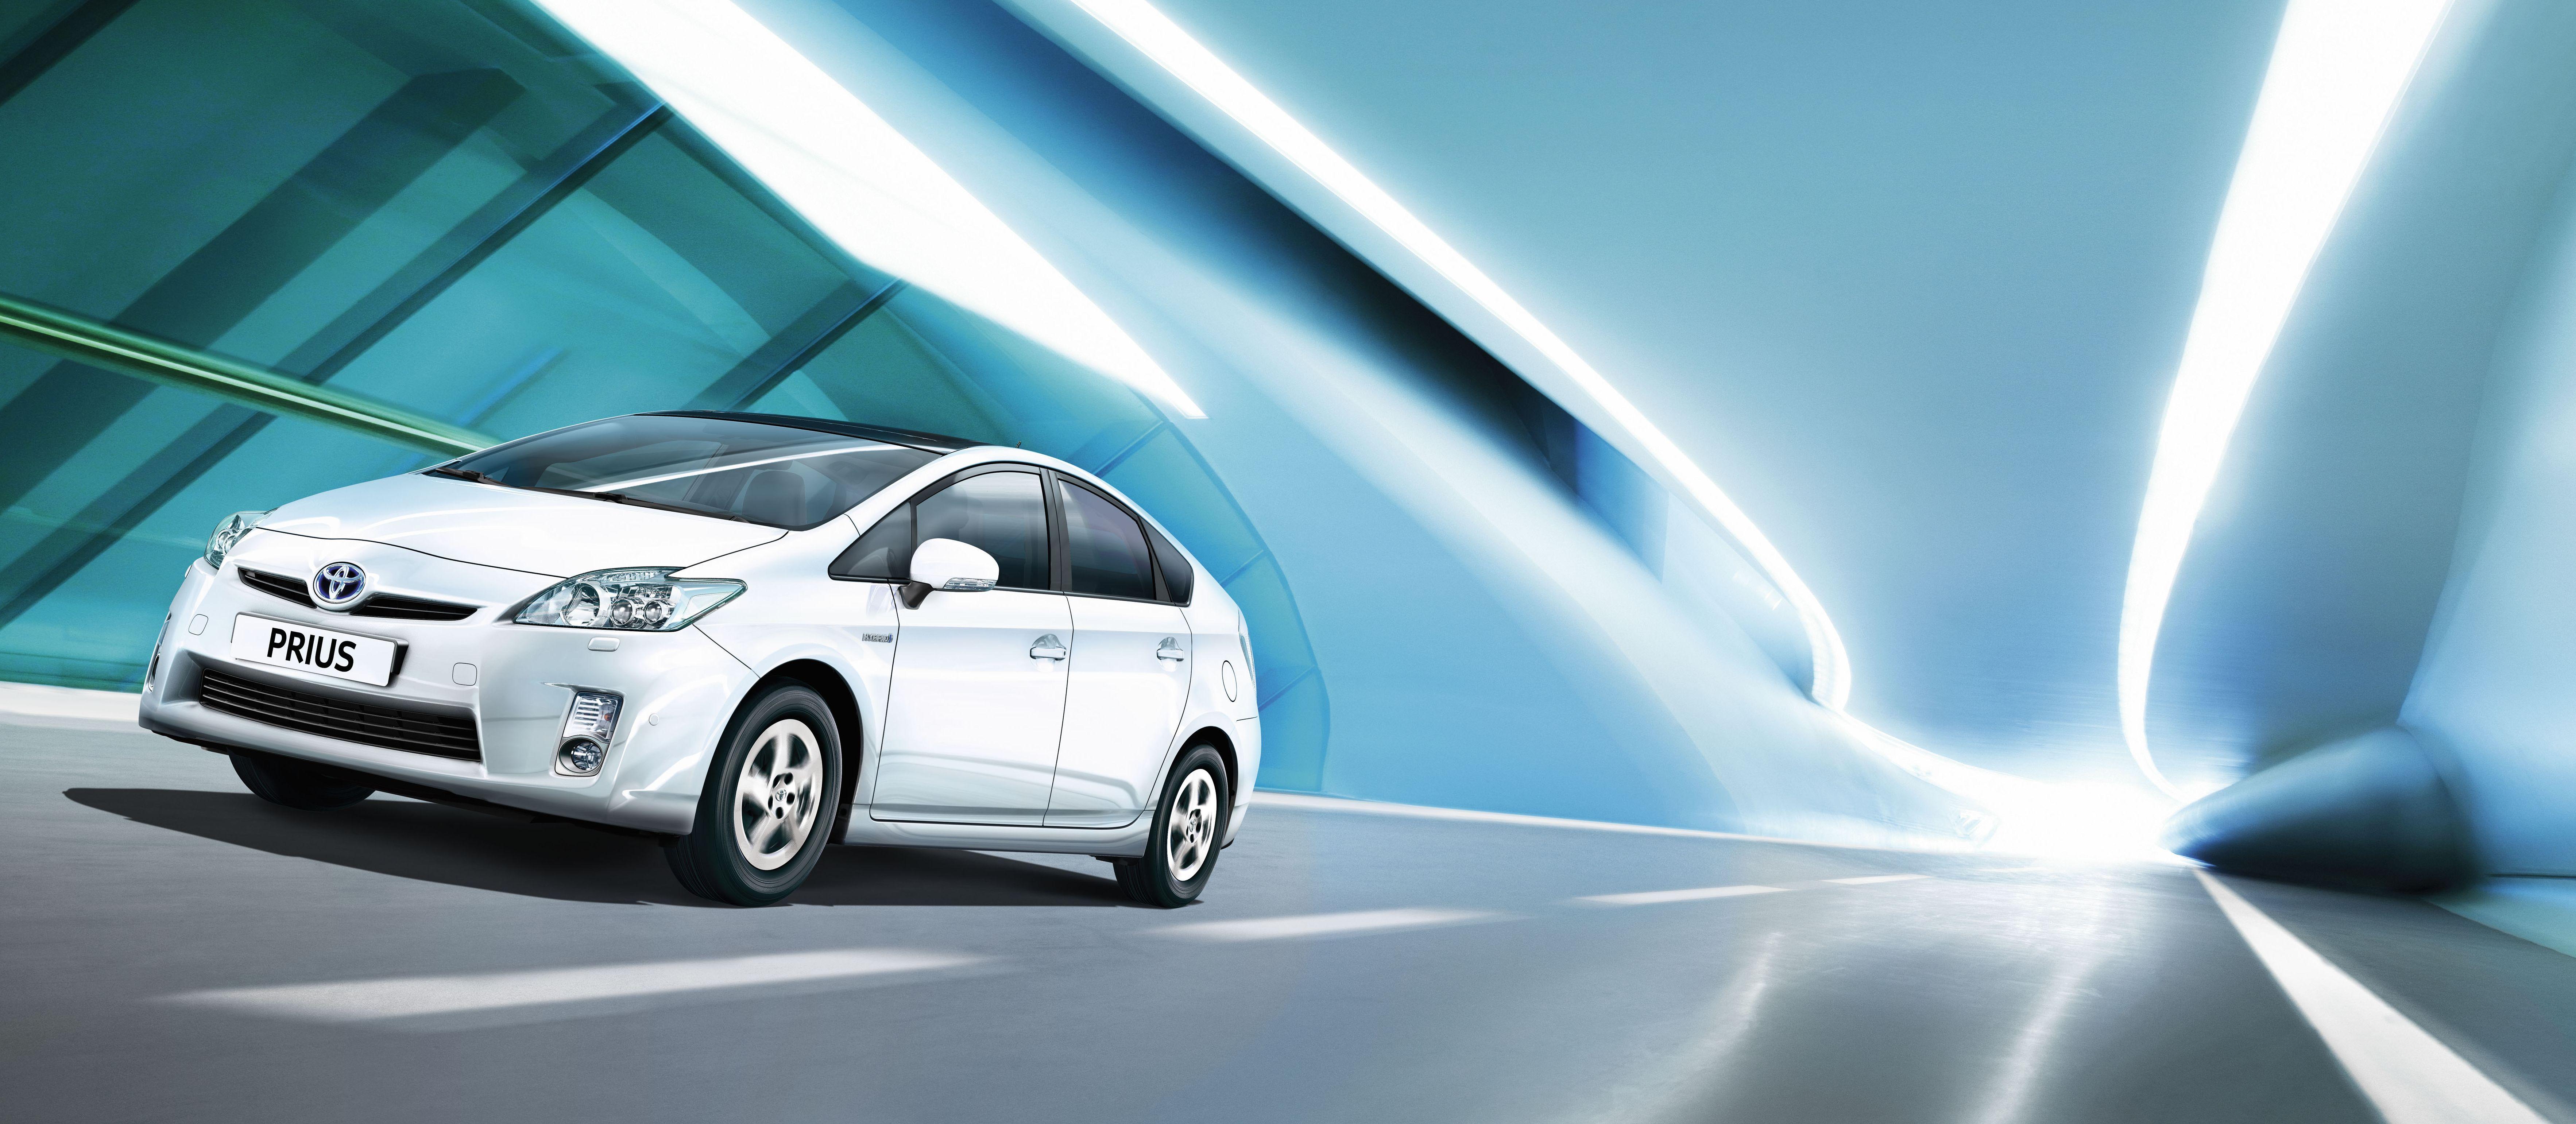 Toyota Prius Hybrid Toyota Prius Hybrid Toyota Hybrid Toyota Prius